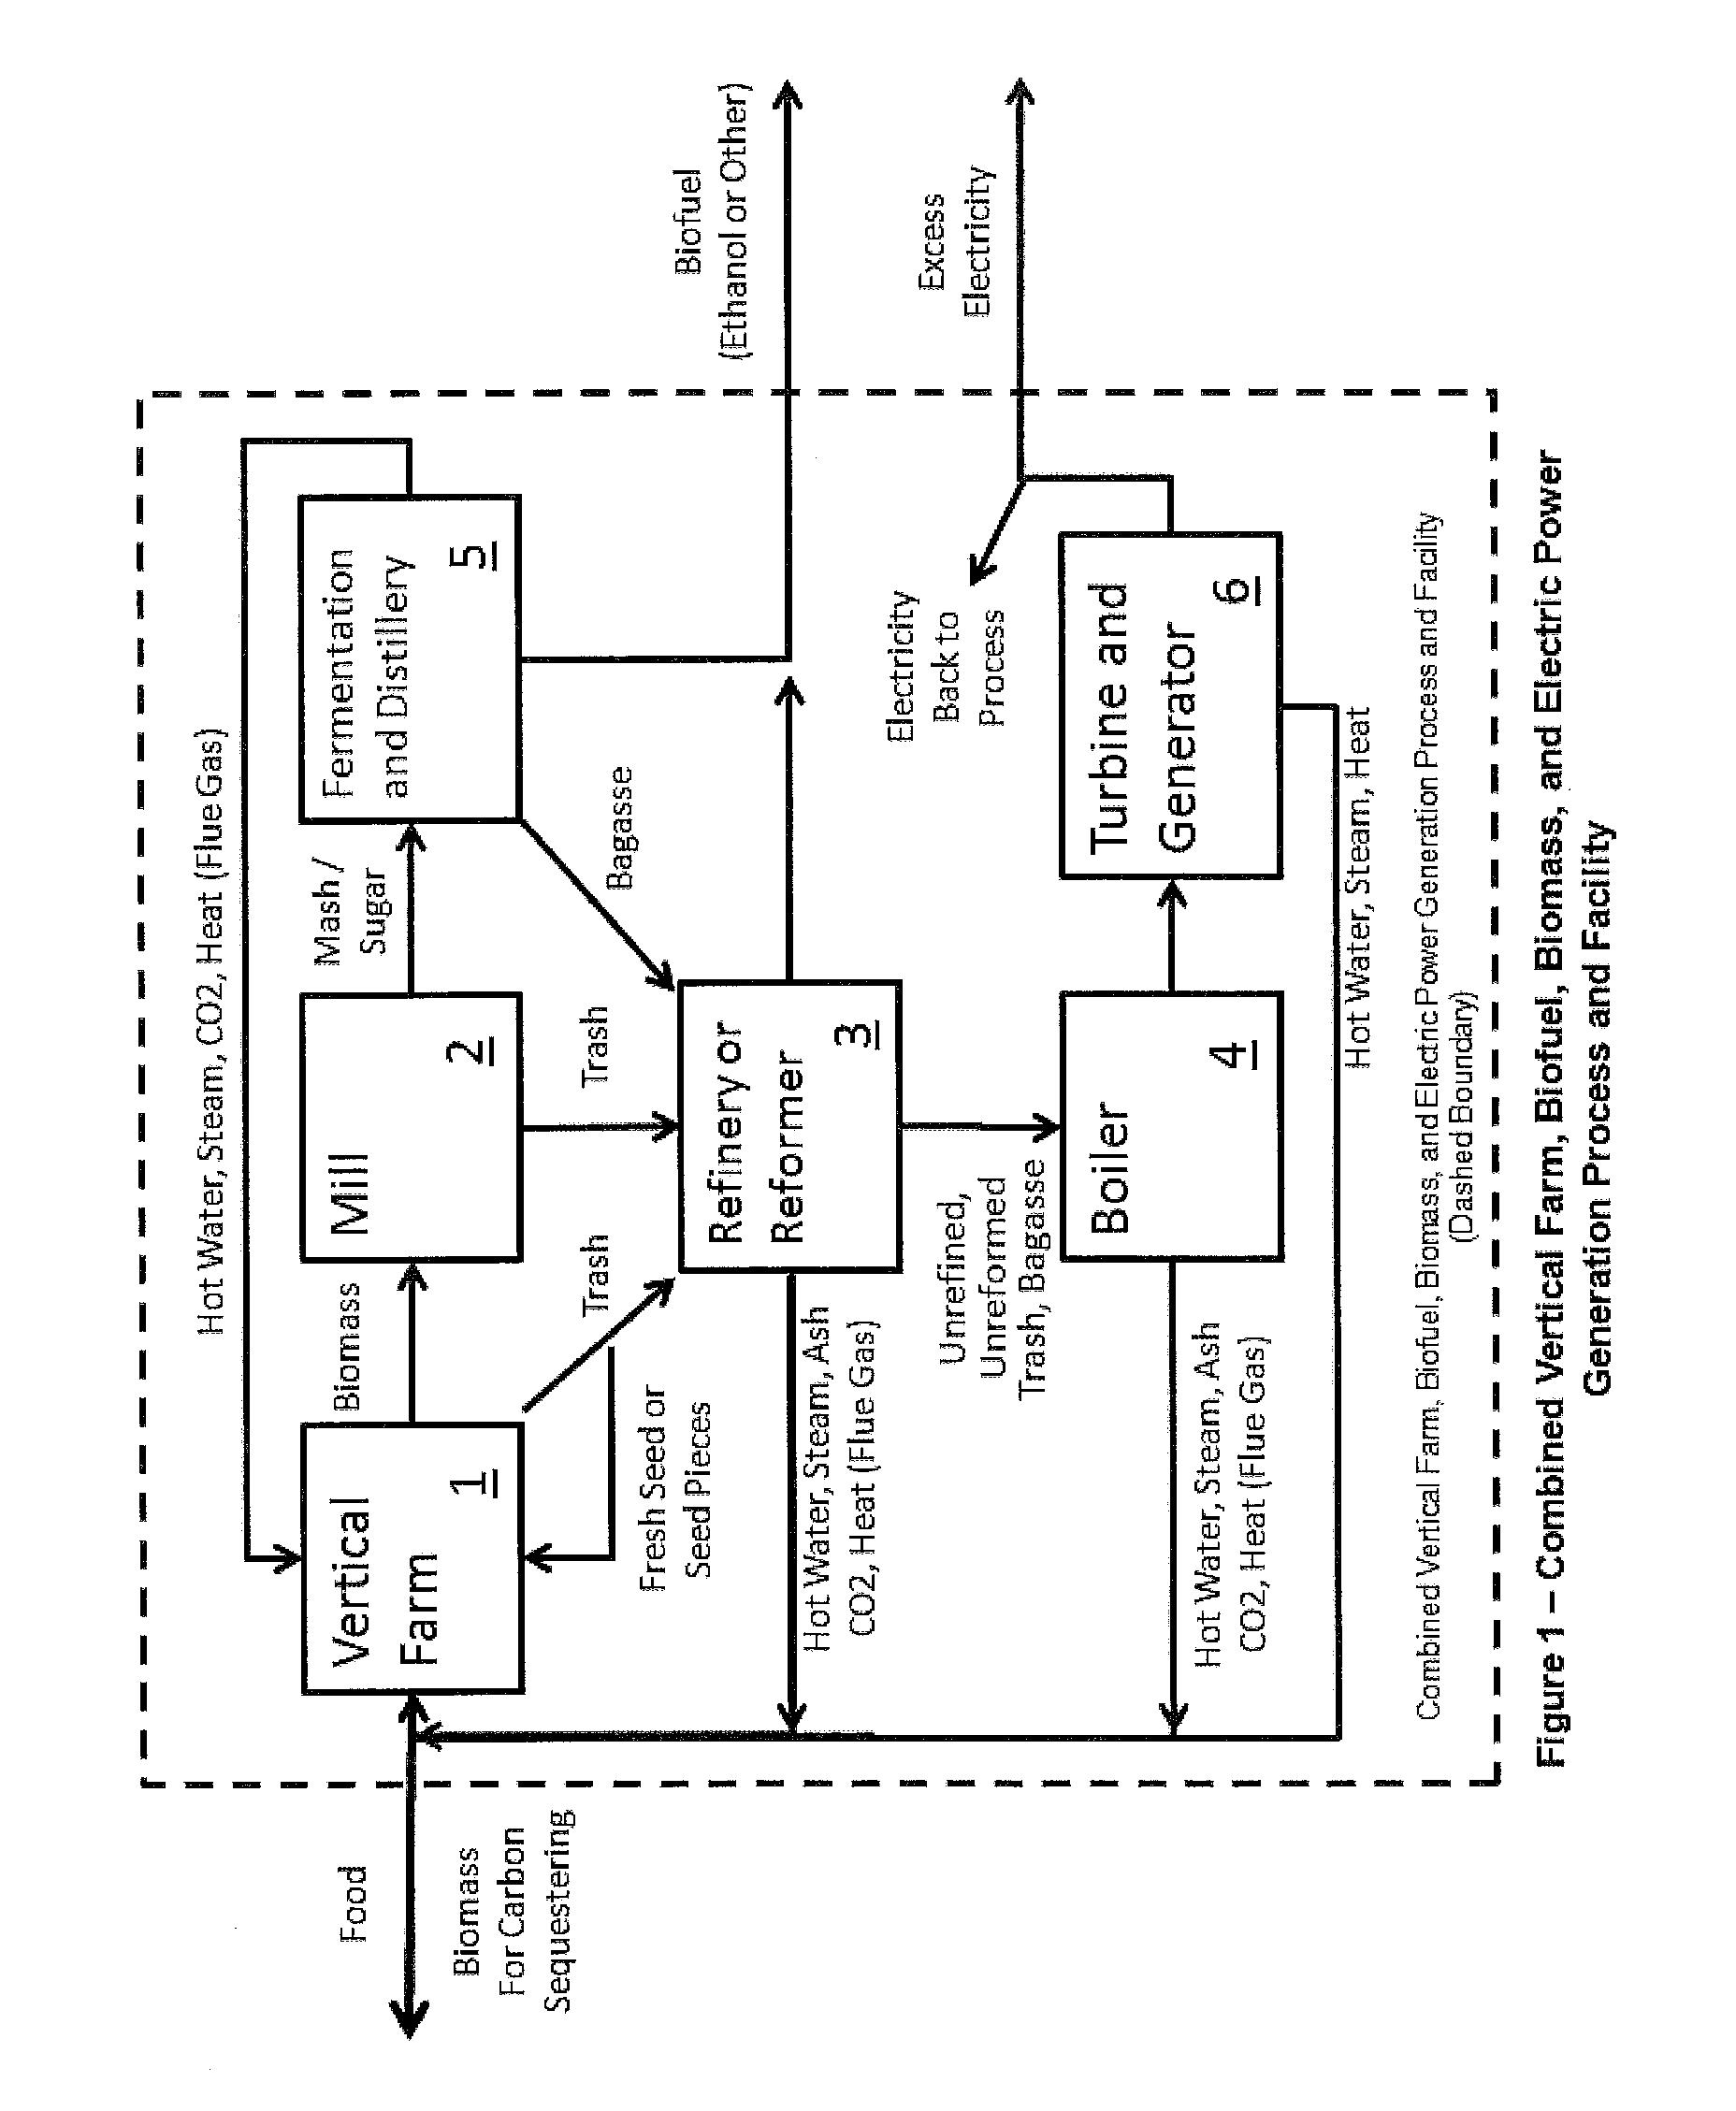 patent us20110131876